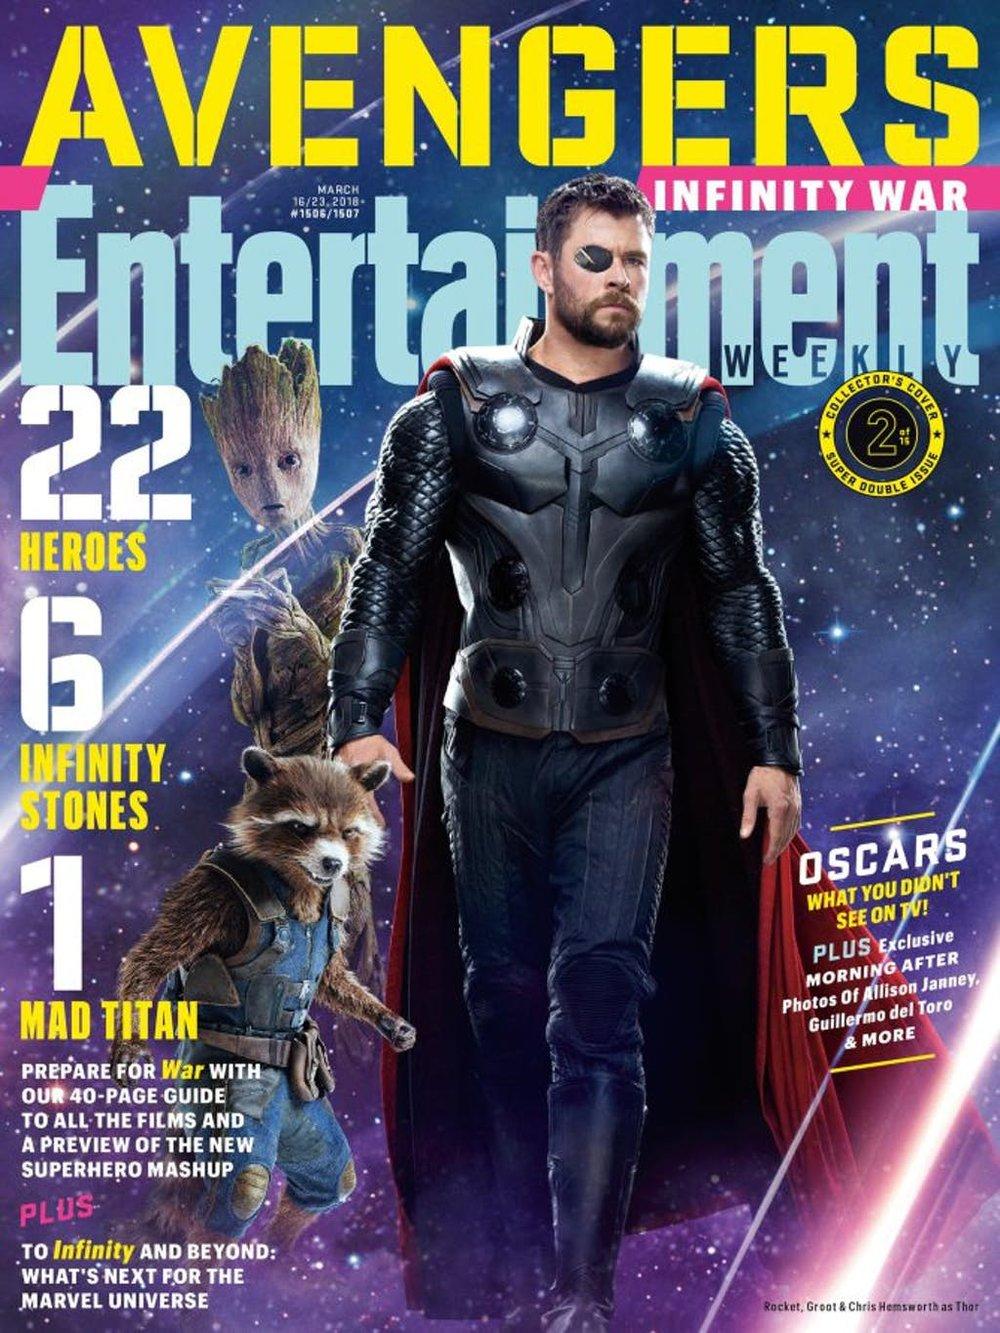 Teen-Groot-Rocket-Thor-EW-cover.jpg